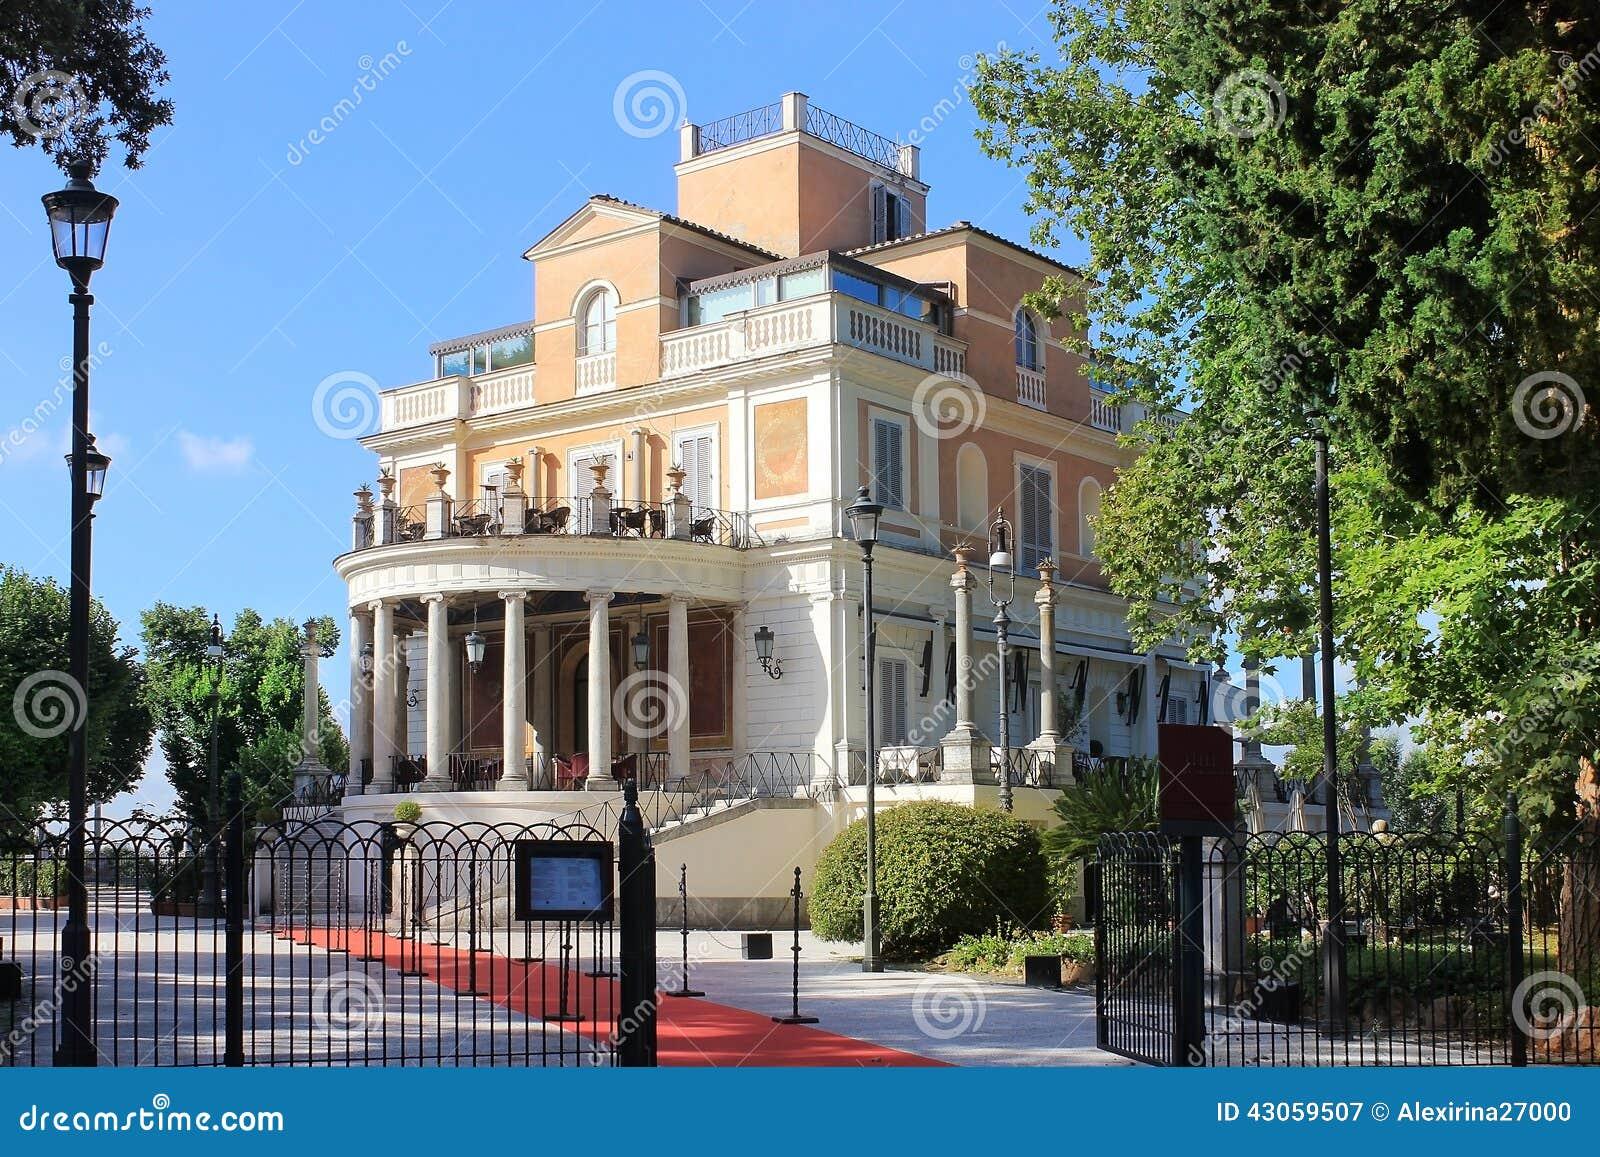 Ristorante Villa Borghese Roma